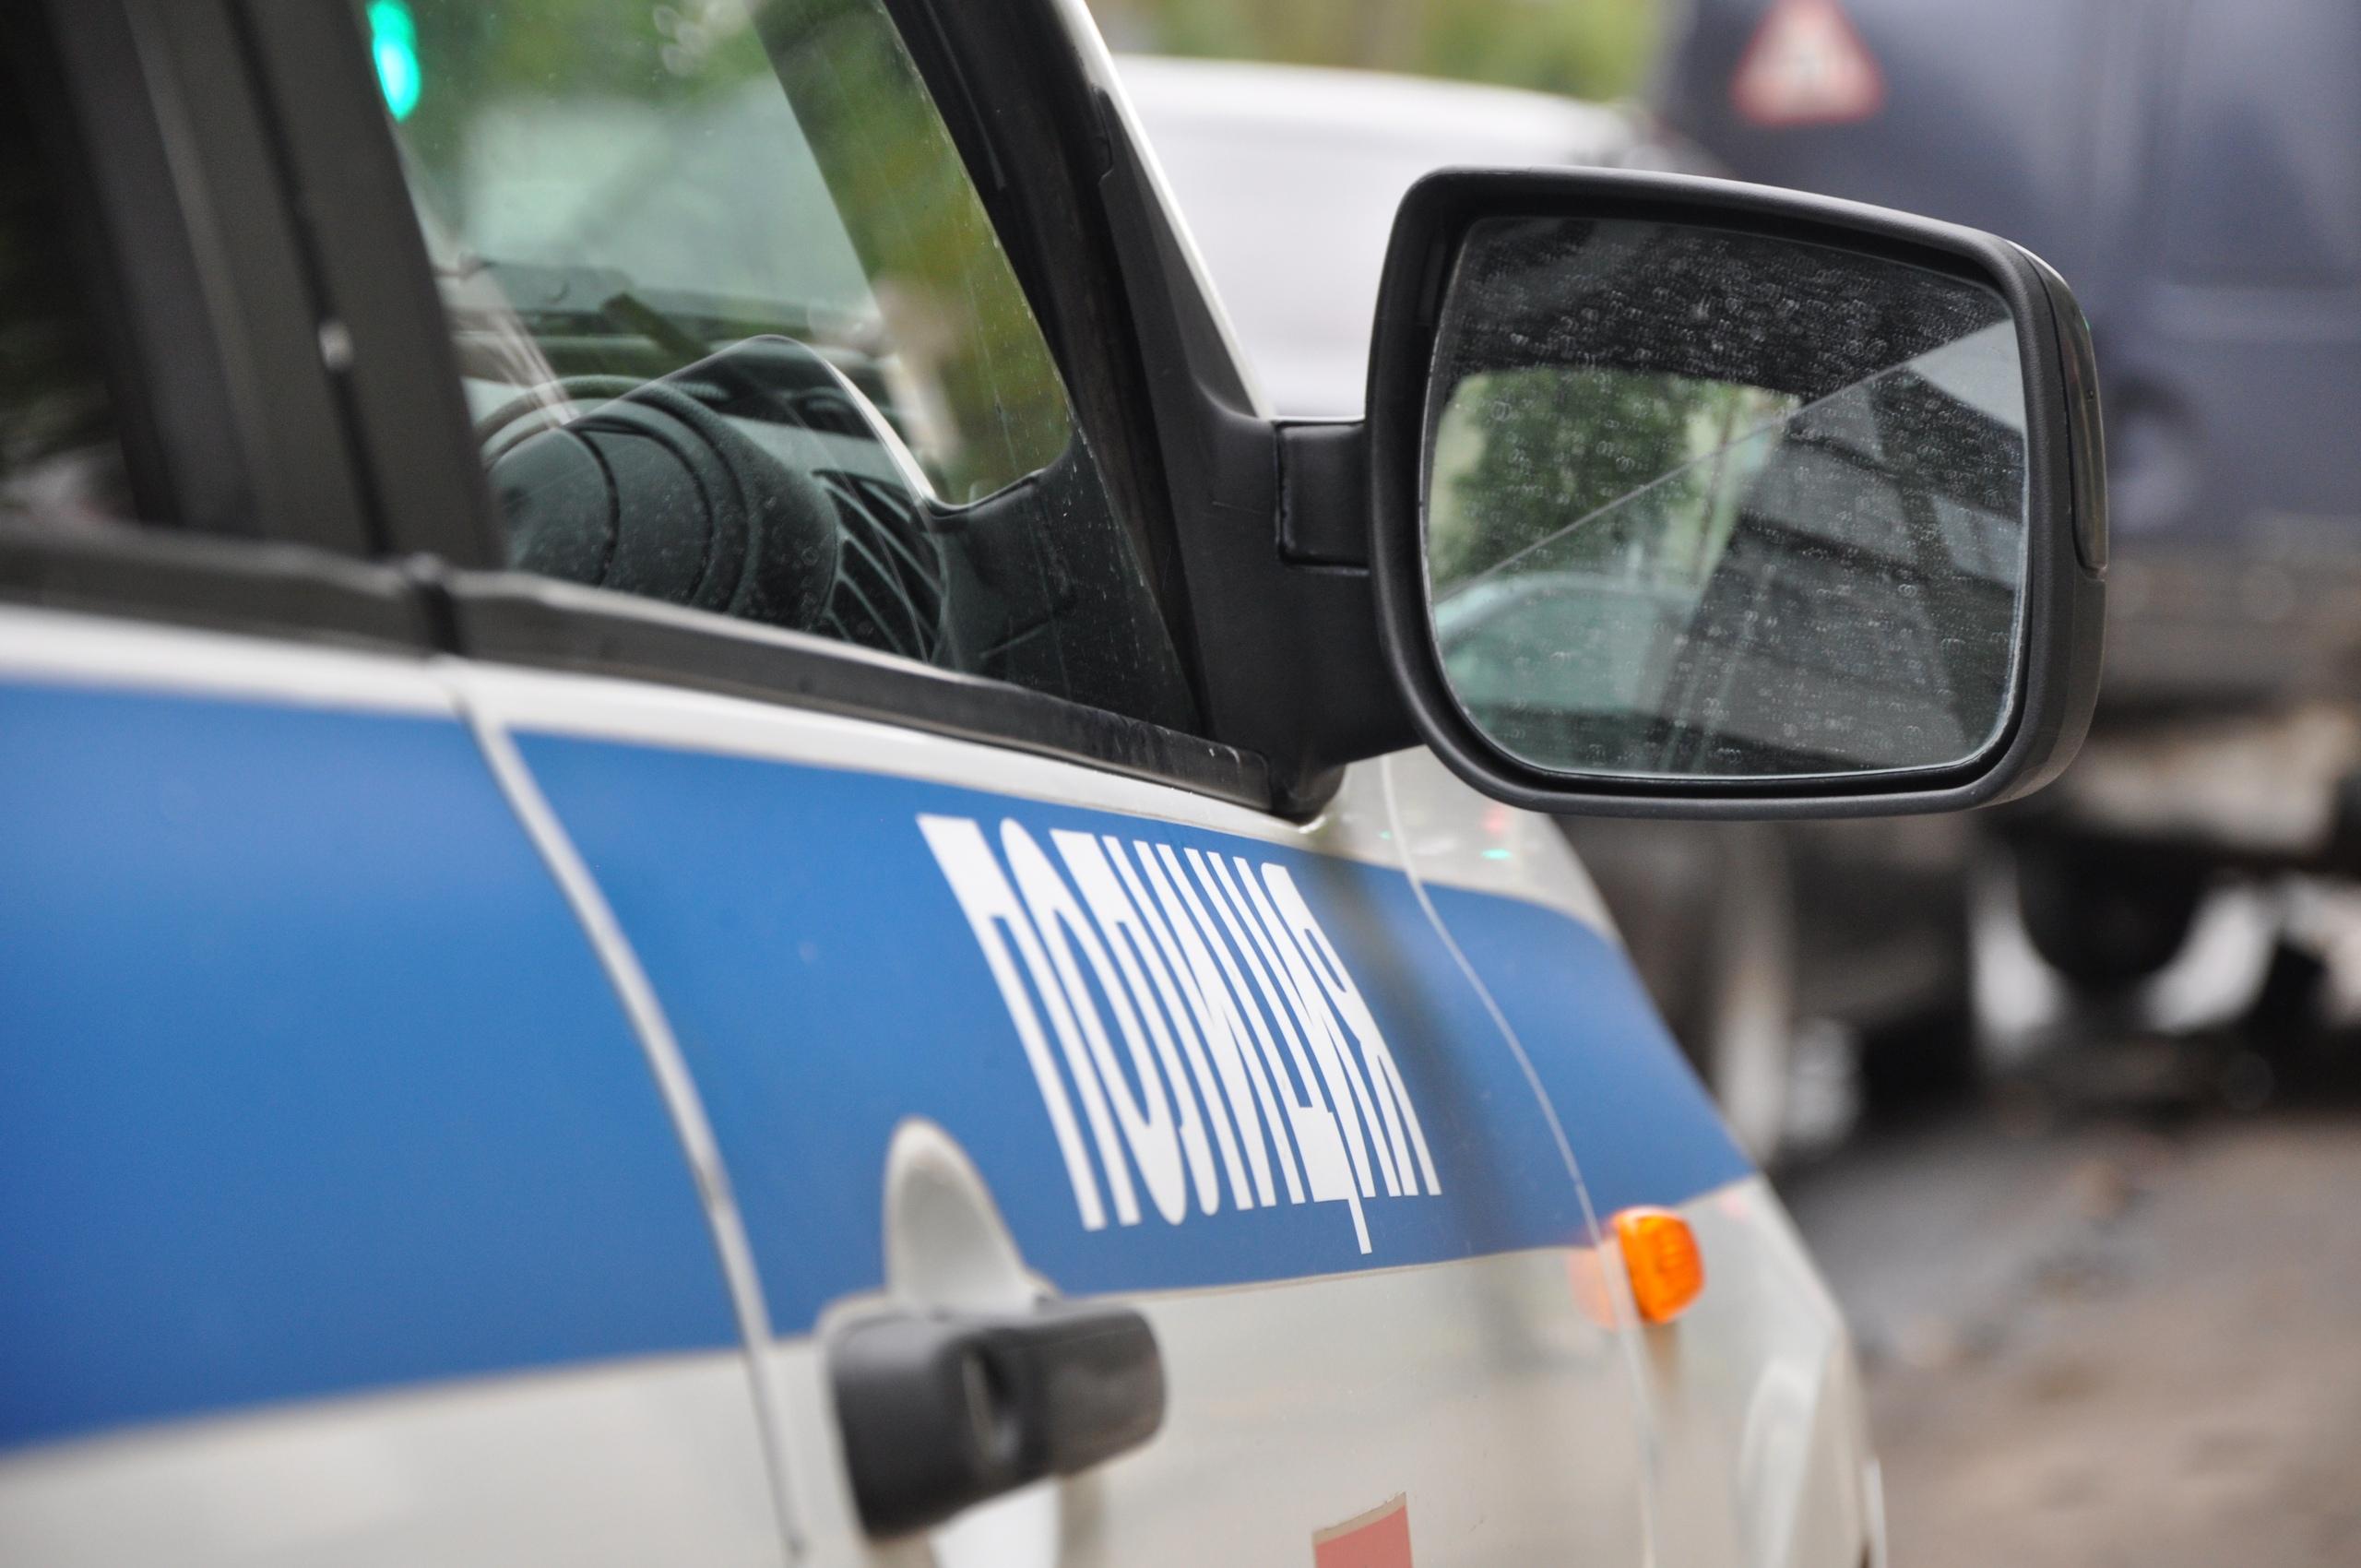 Два человека получили травмы в автомобиле, врезавшемся в отбойник на трассе в Тверской области